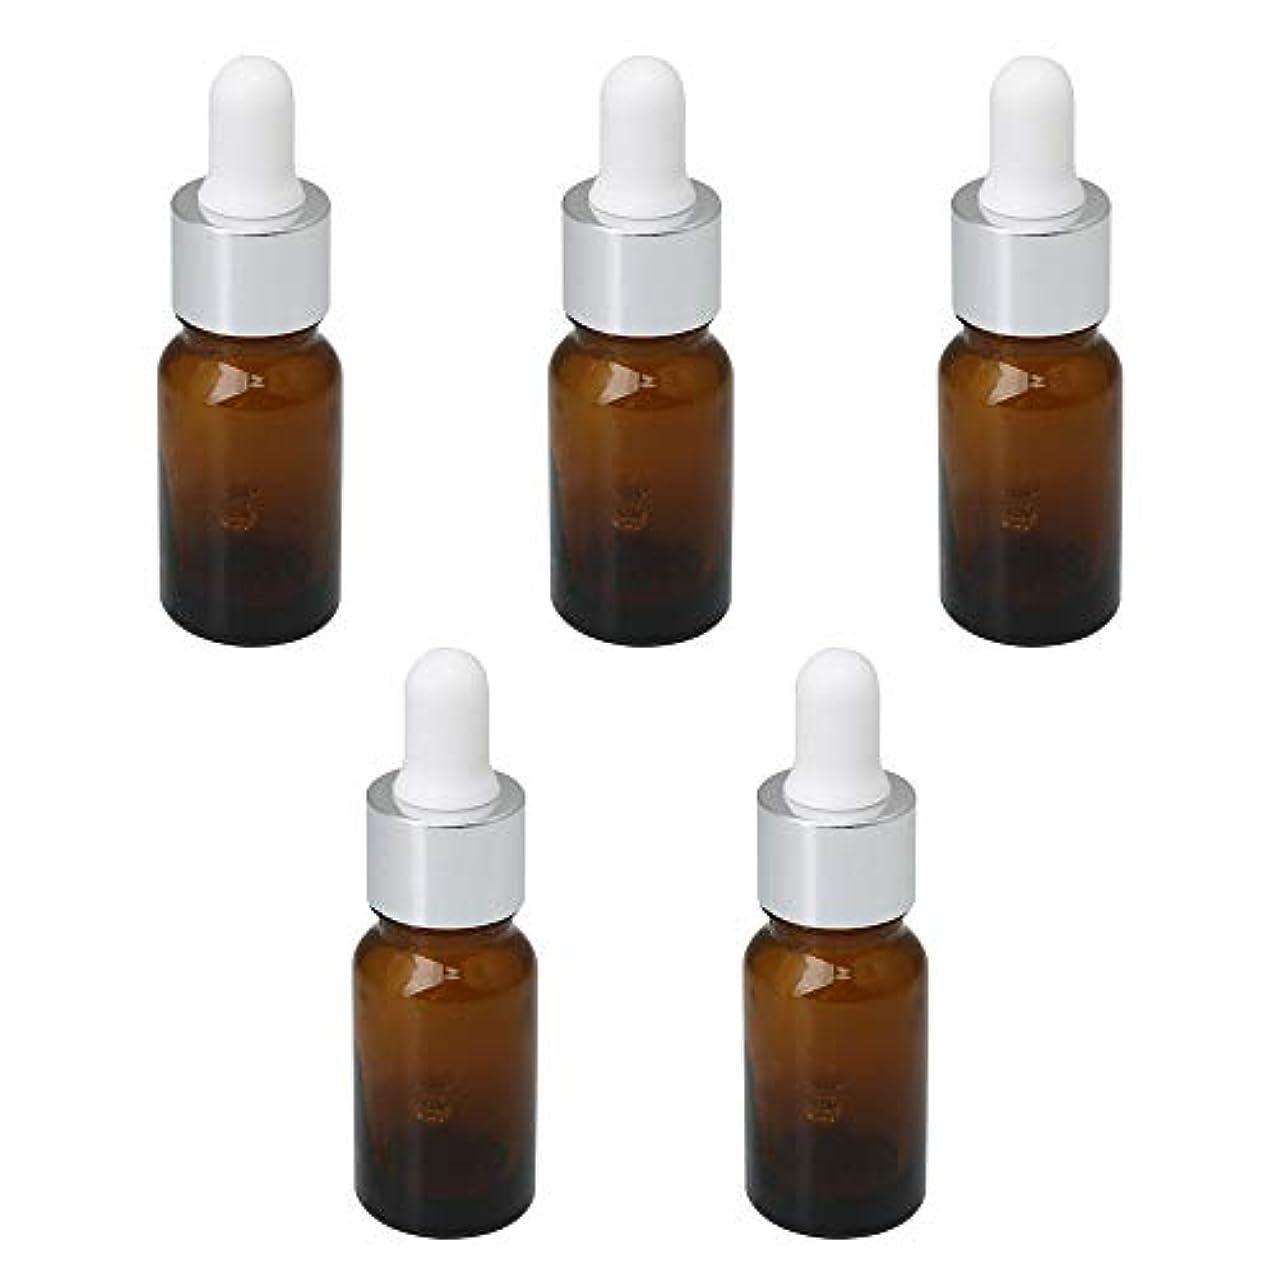 全員シネマ底10ml 遮光瓶 アロマオイル 小分け用 茶色 精油ボトル スポイトタイプ ガラス瓶 空容器 化粧水保存 収納 詰替え 旅行セット 5個セット 銀キャップ